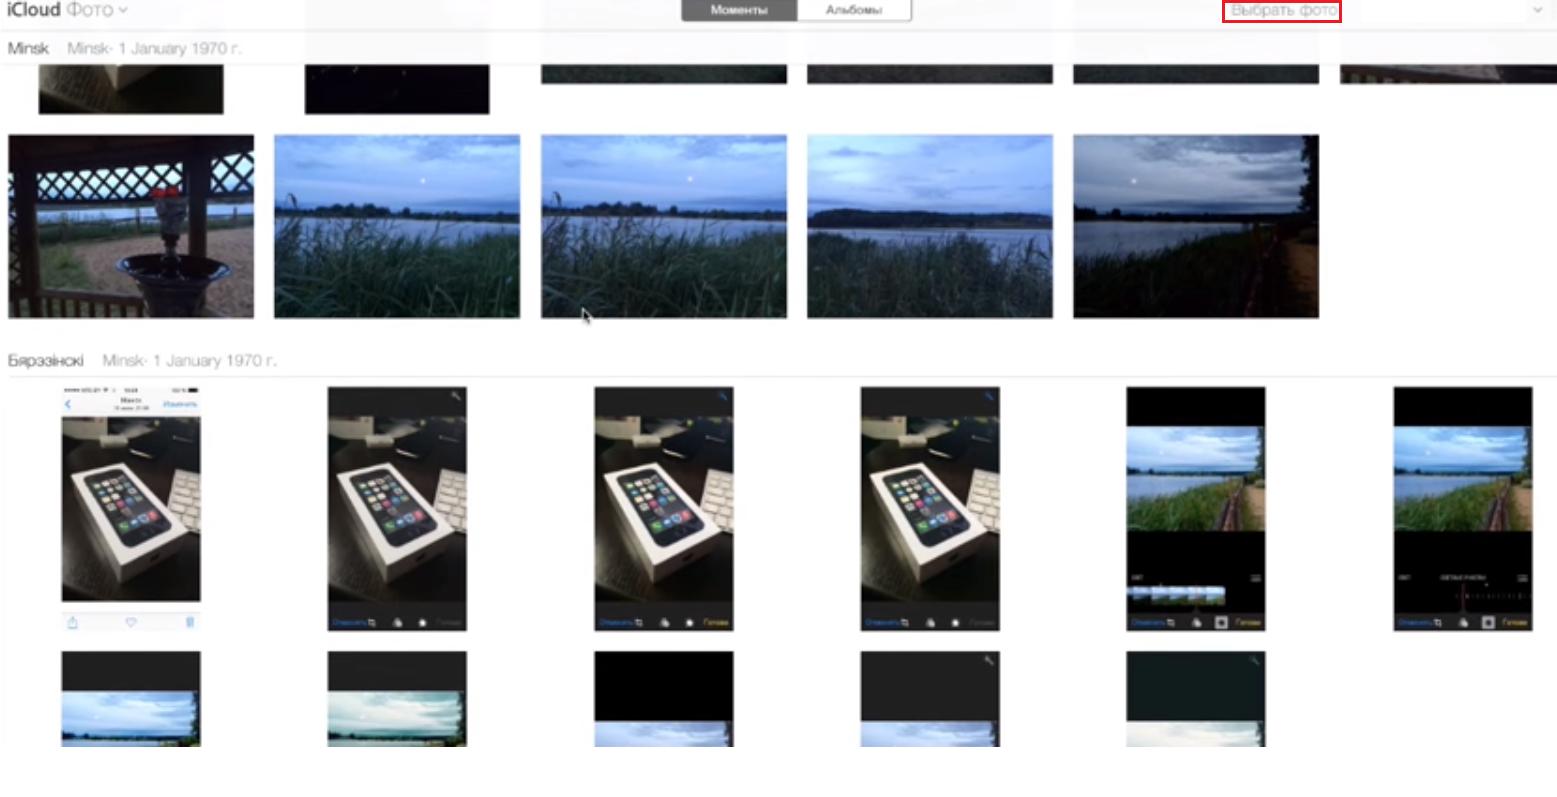 Как сохранить фото из flickr на компьютер